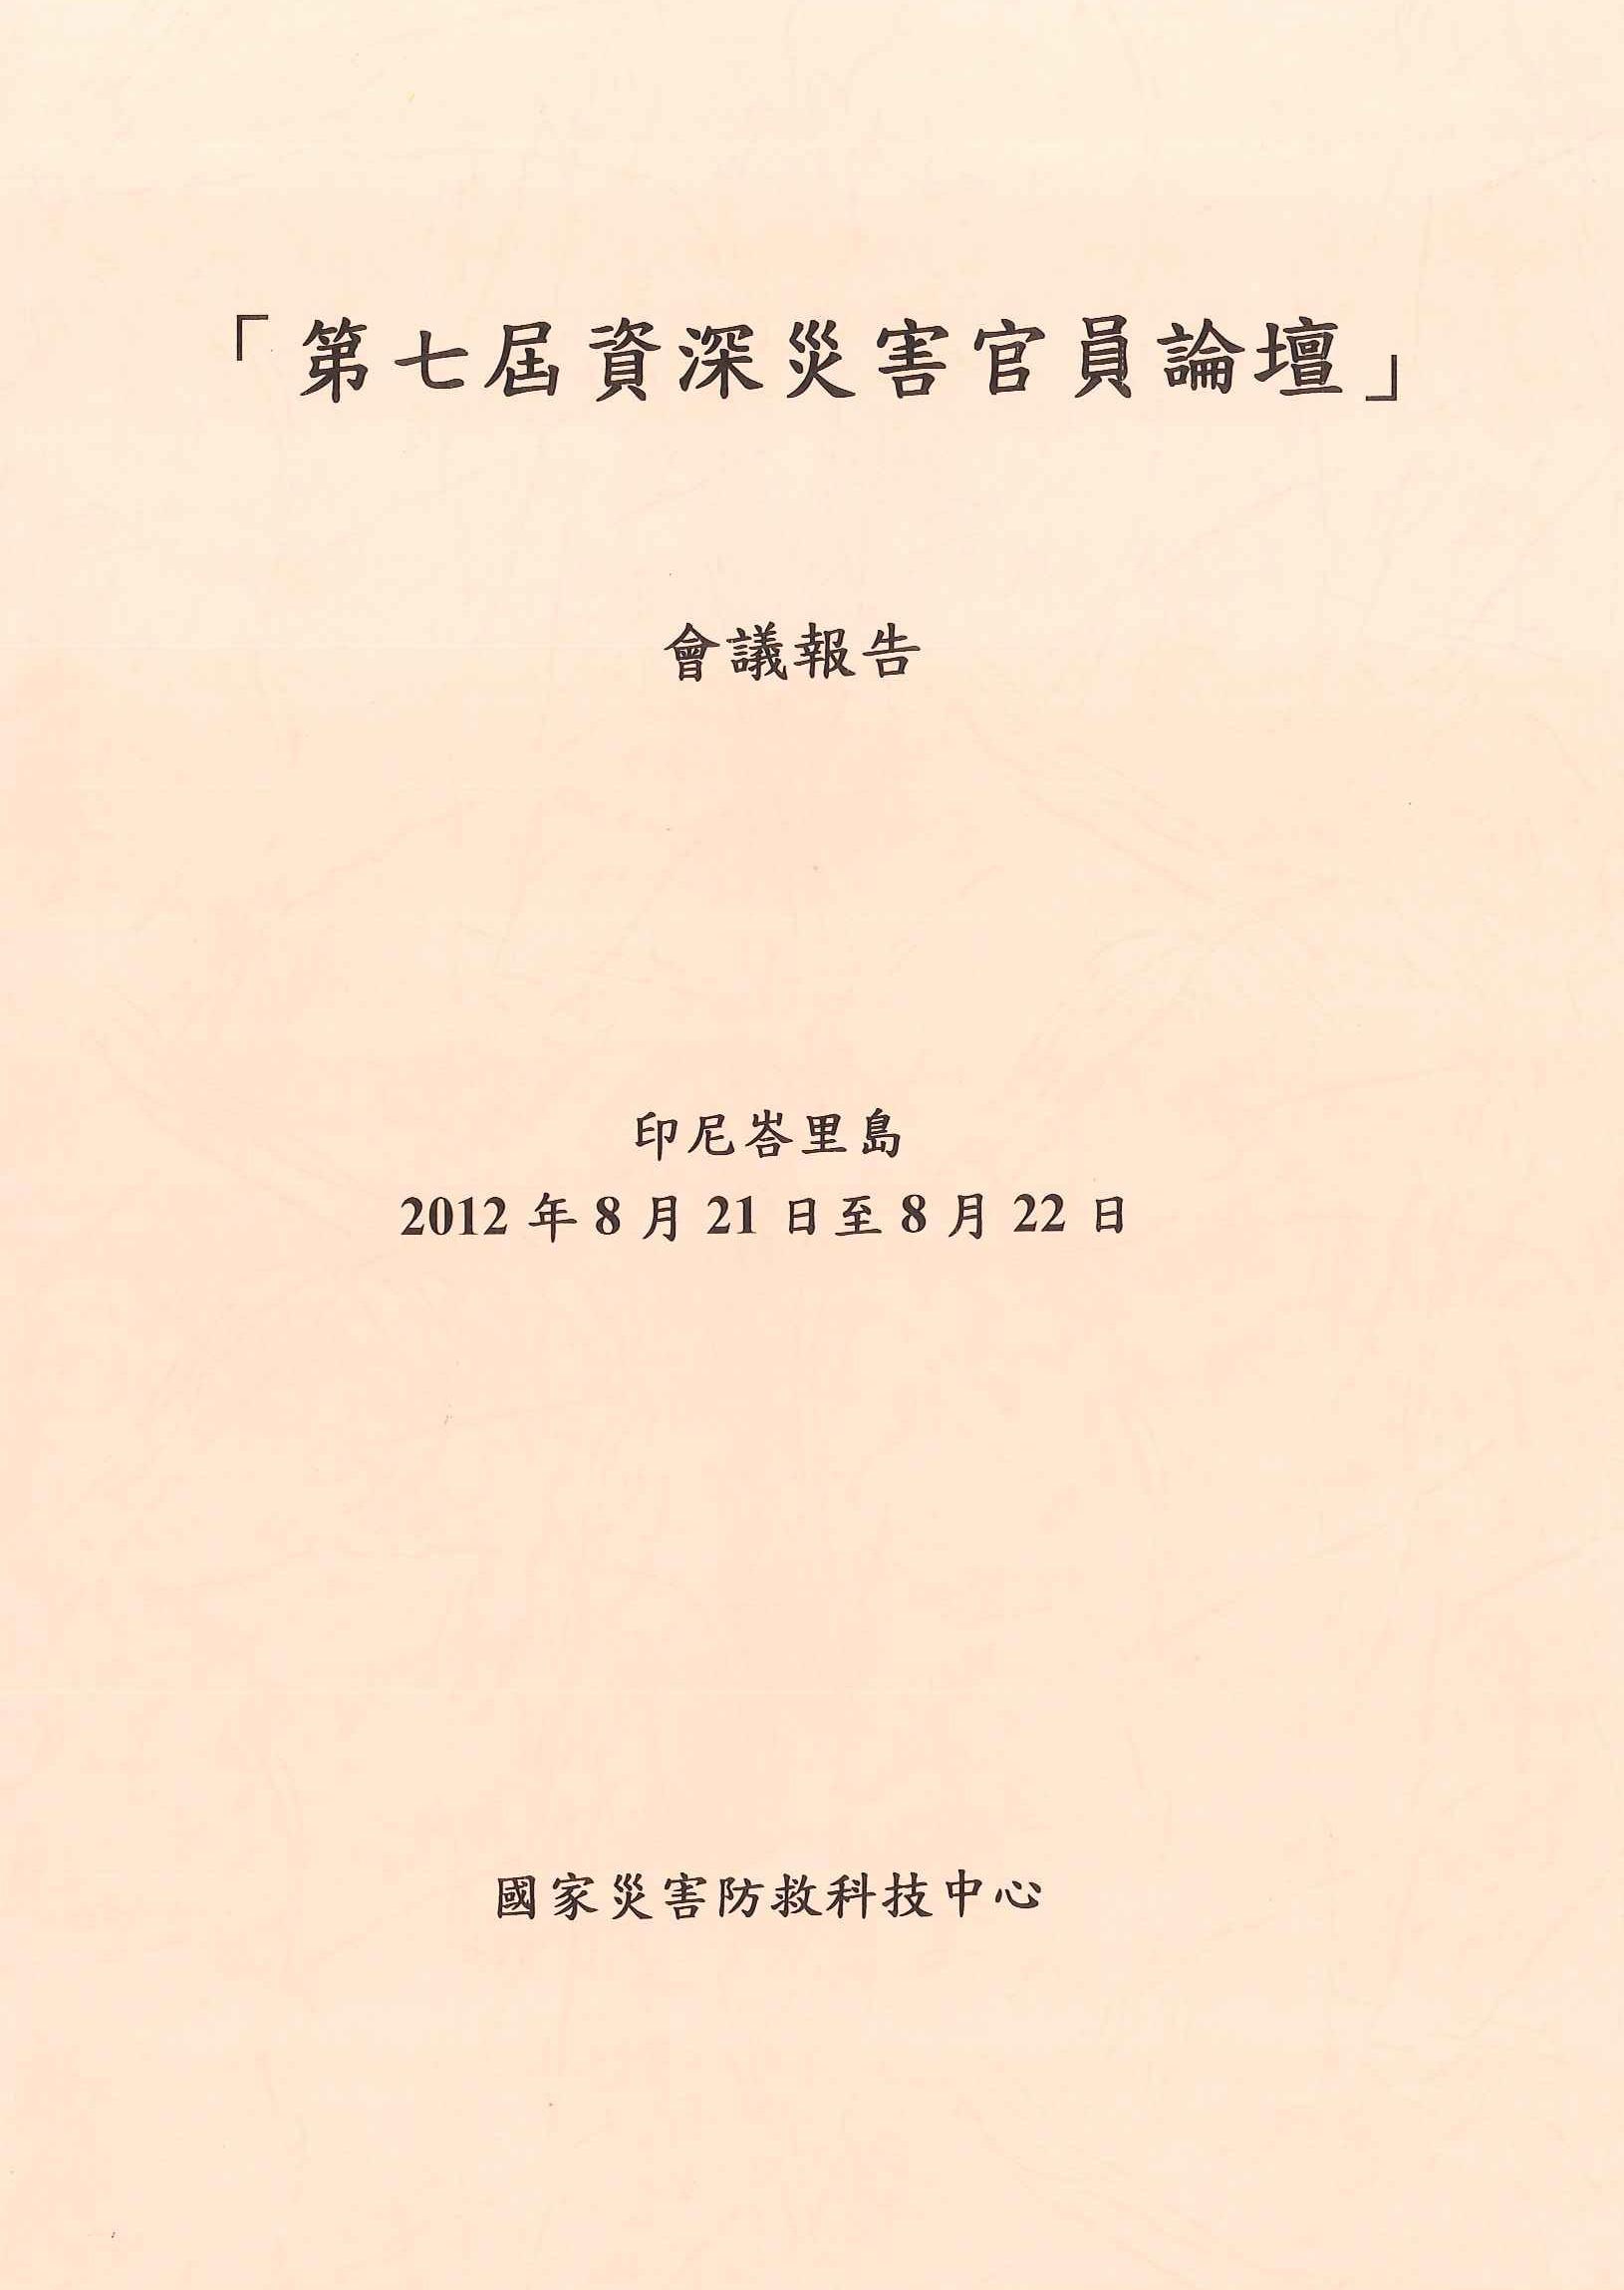 第七屆資深災害官員論壇會議報告